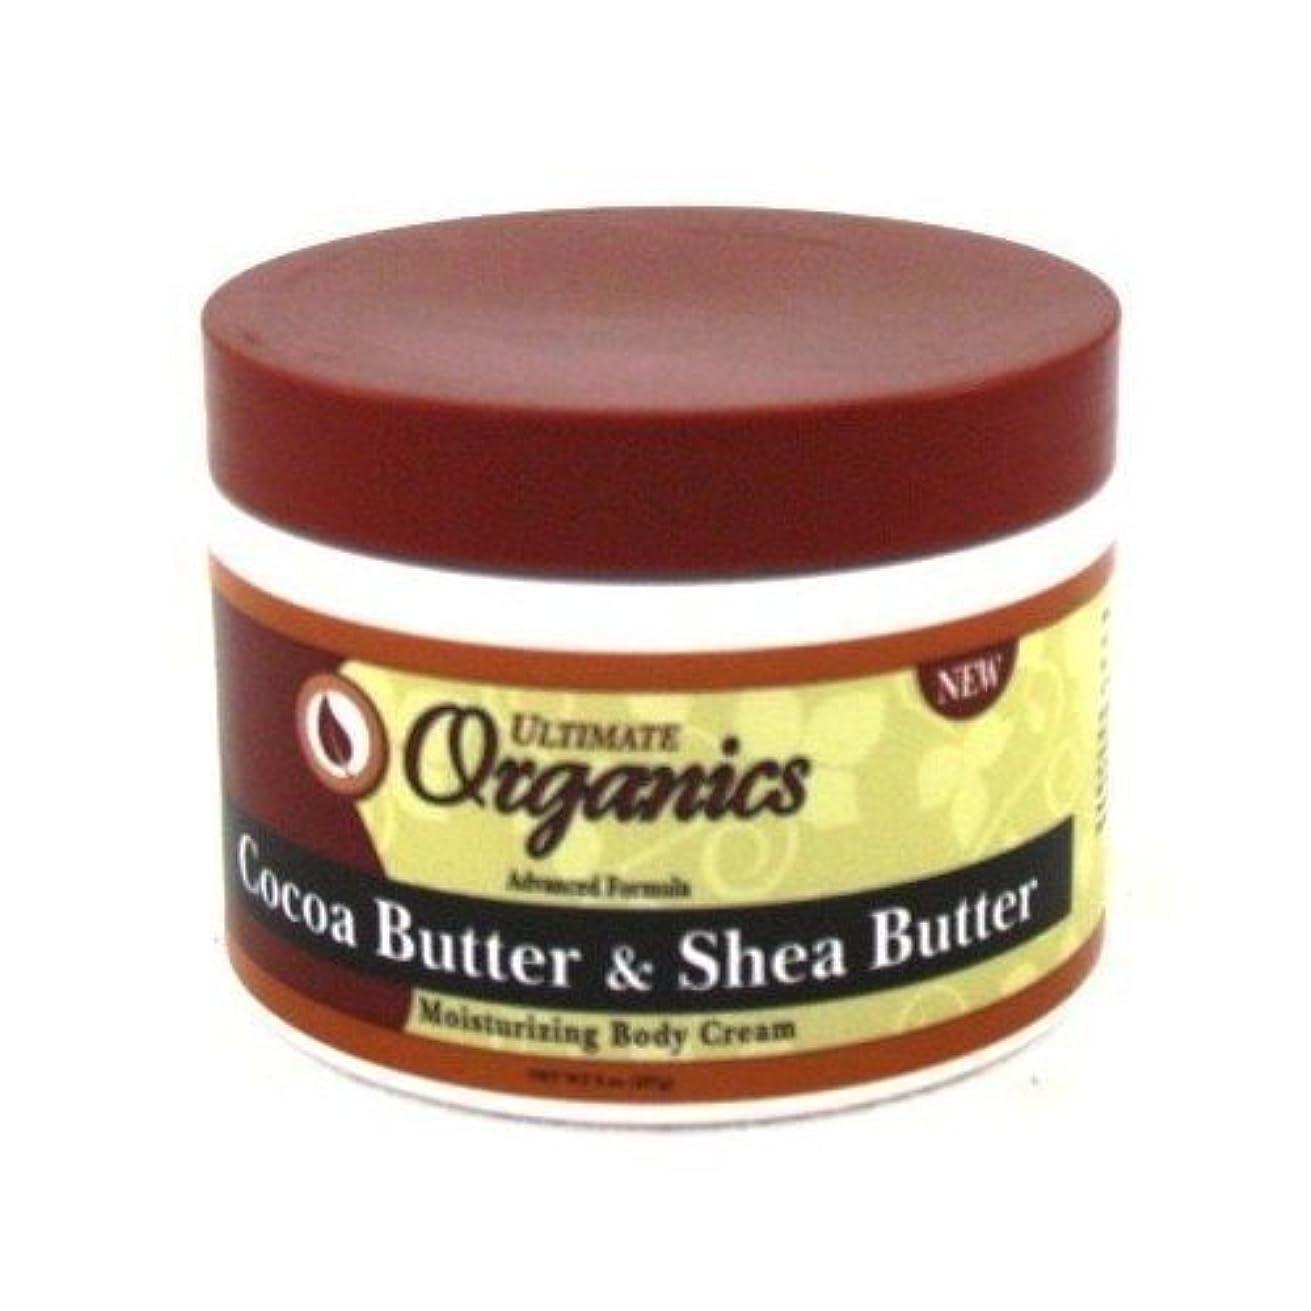 エレクトロニック低い偶然のUltimate Organics Cocoa Butter & Shea Butter Body Cream 235 ml (並行輸入品)